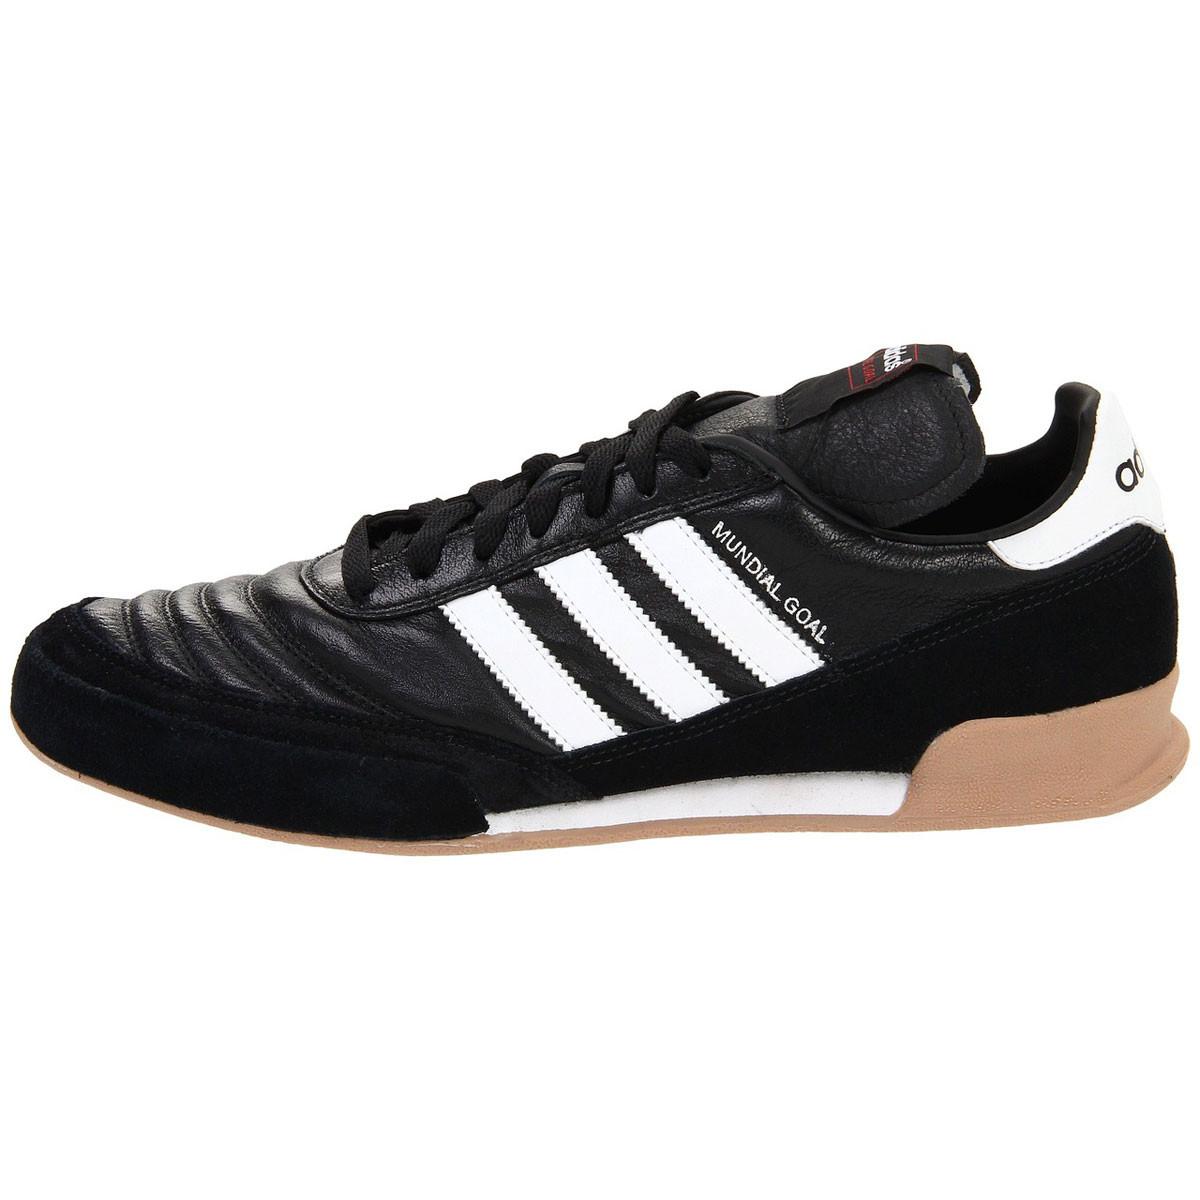 74ce88f3d Buy Adidas Men s Copa Indoor Black Shoe Online